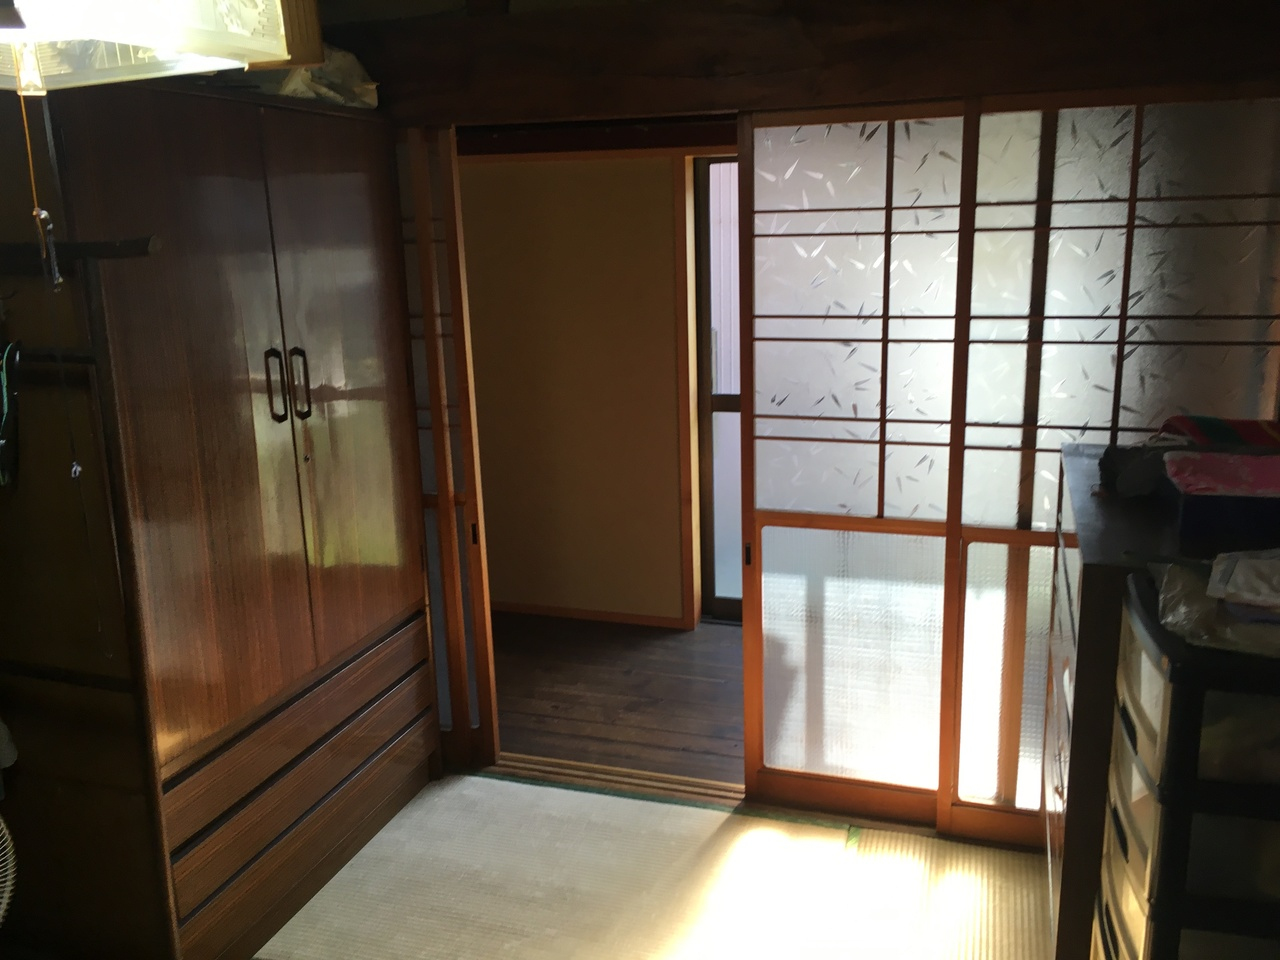 増築部分へと続く和室スペースです。 この上に小屋裏収納があります。